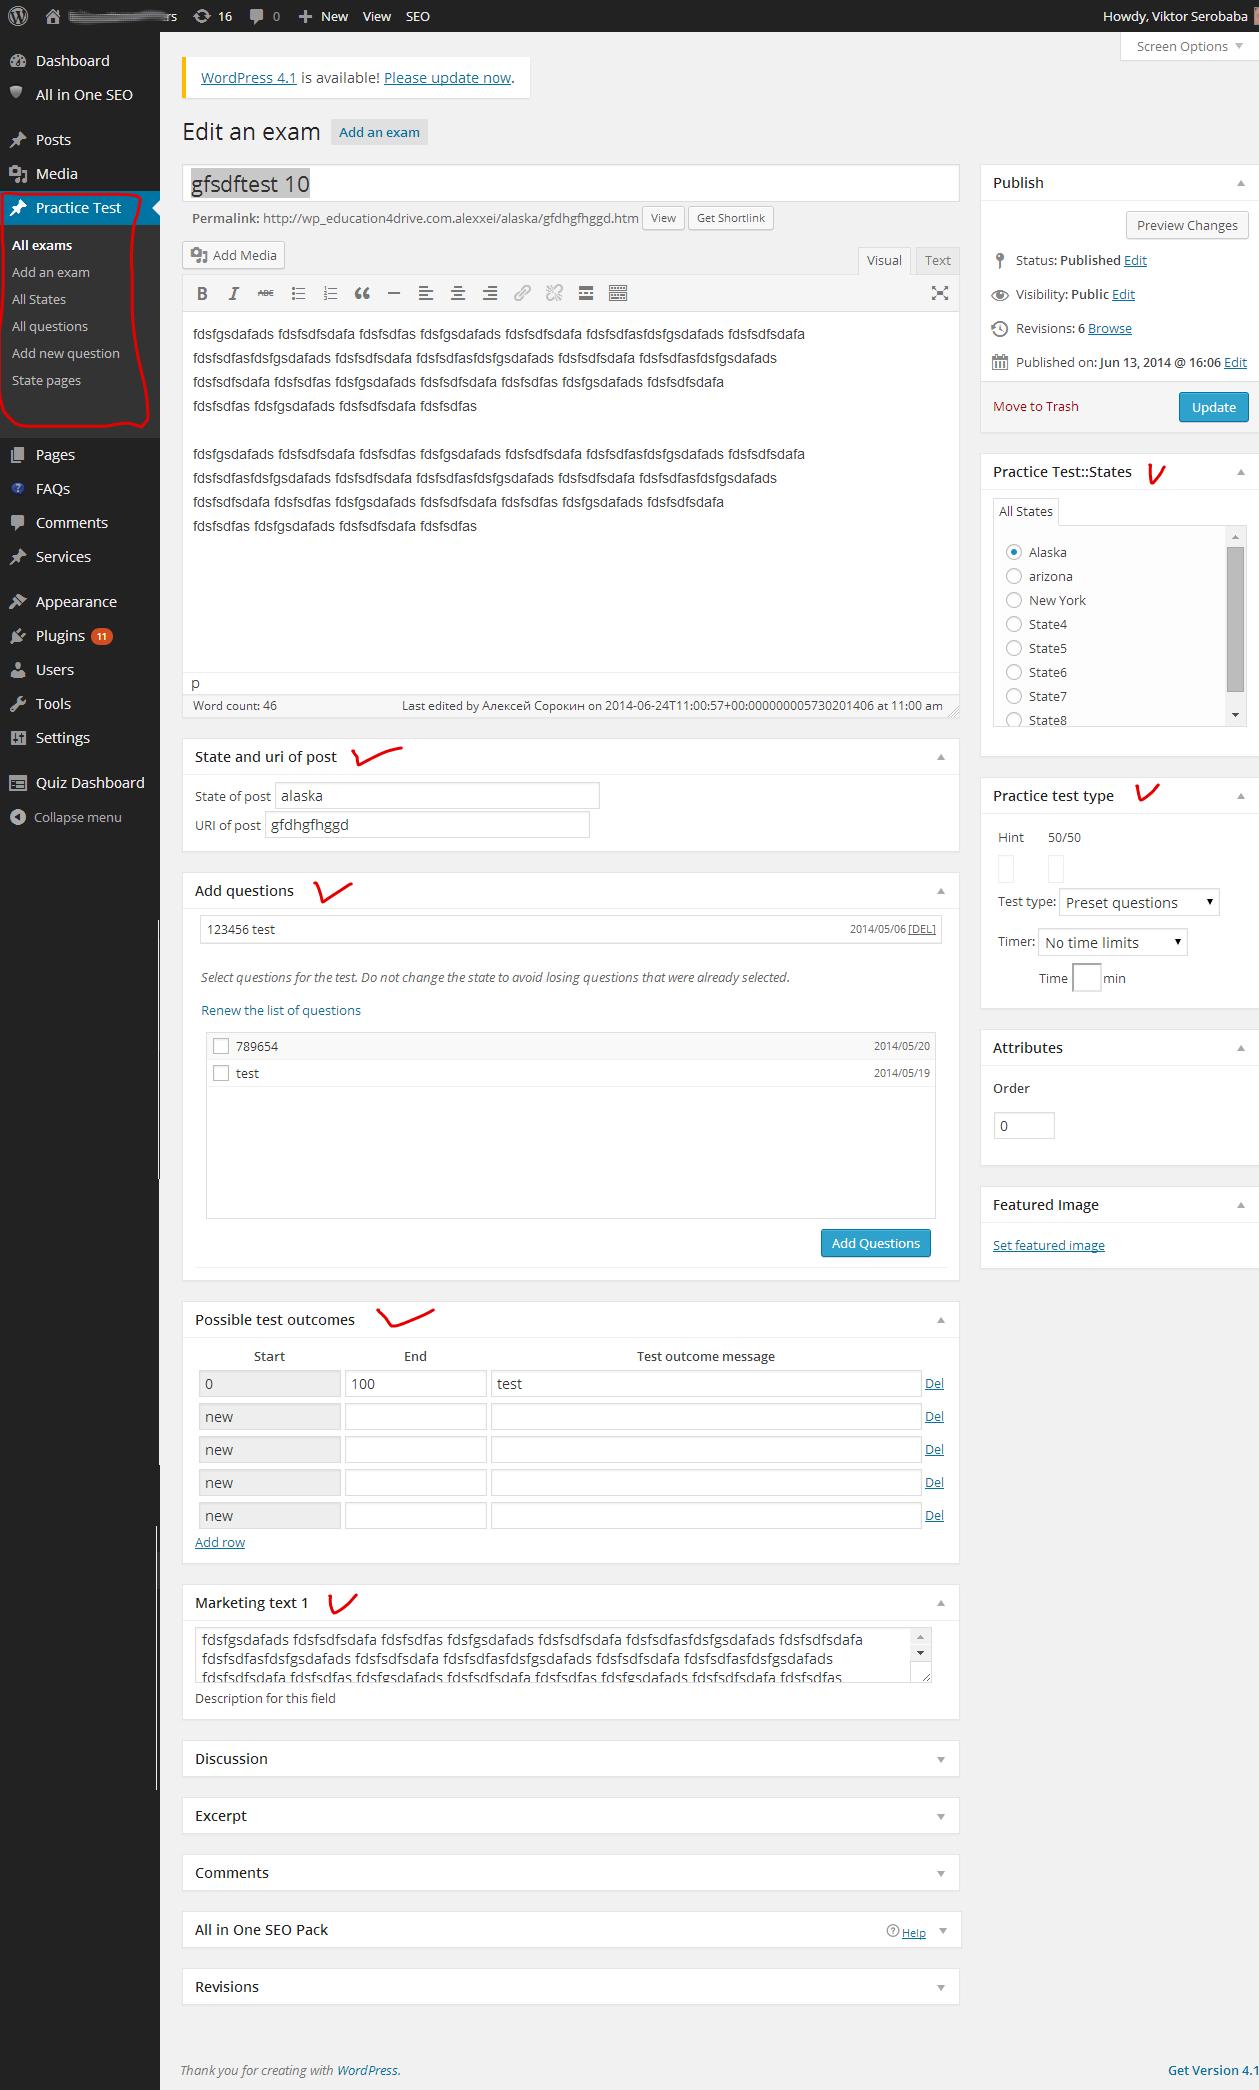 Создание плагинов для wordpress - расширение параметров страниц